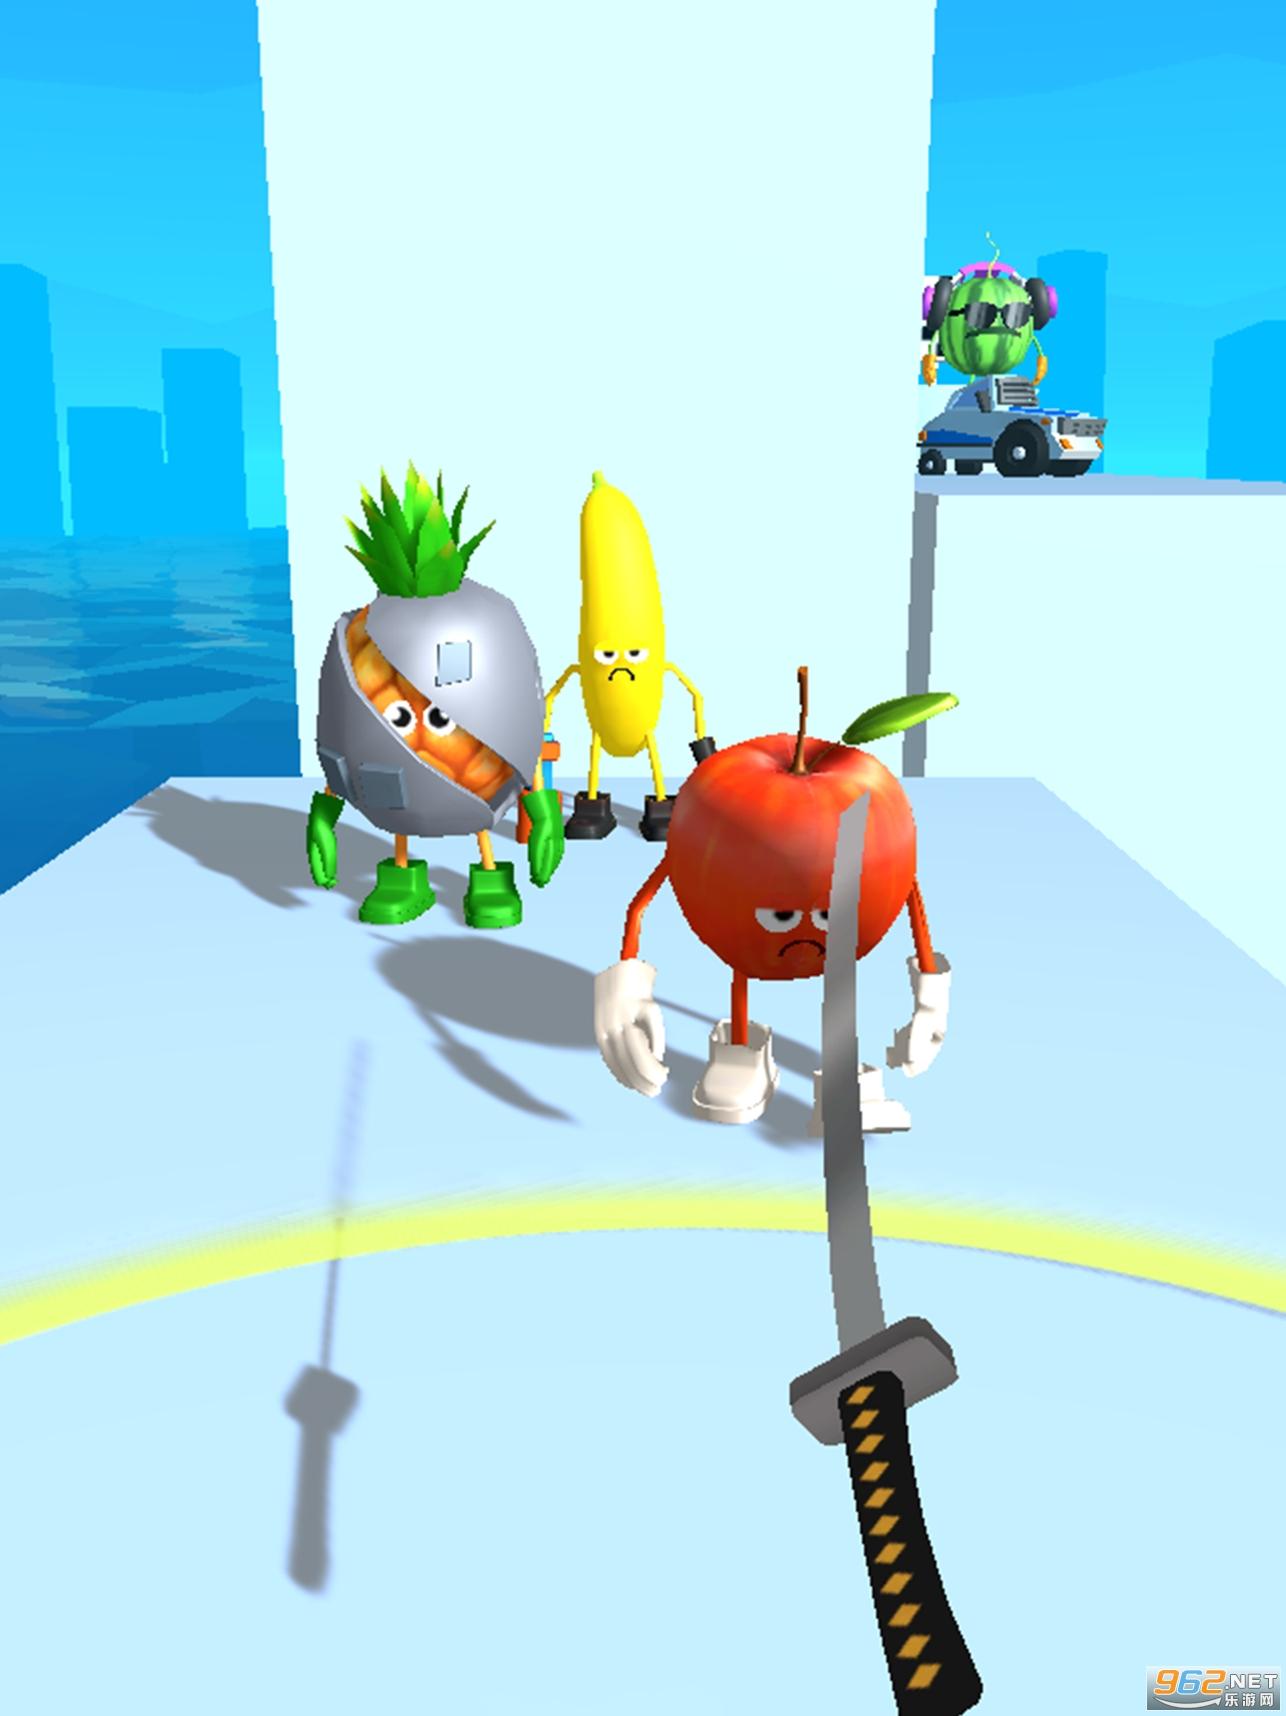 乱斩大师3D游戏Slash Masters 3Dv1.2 免费版截图0